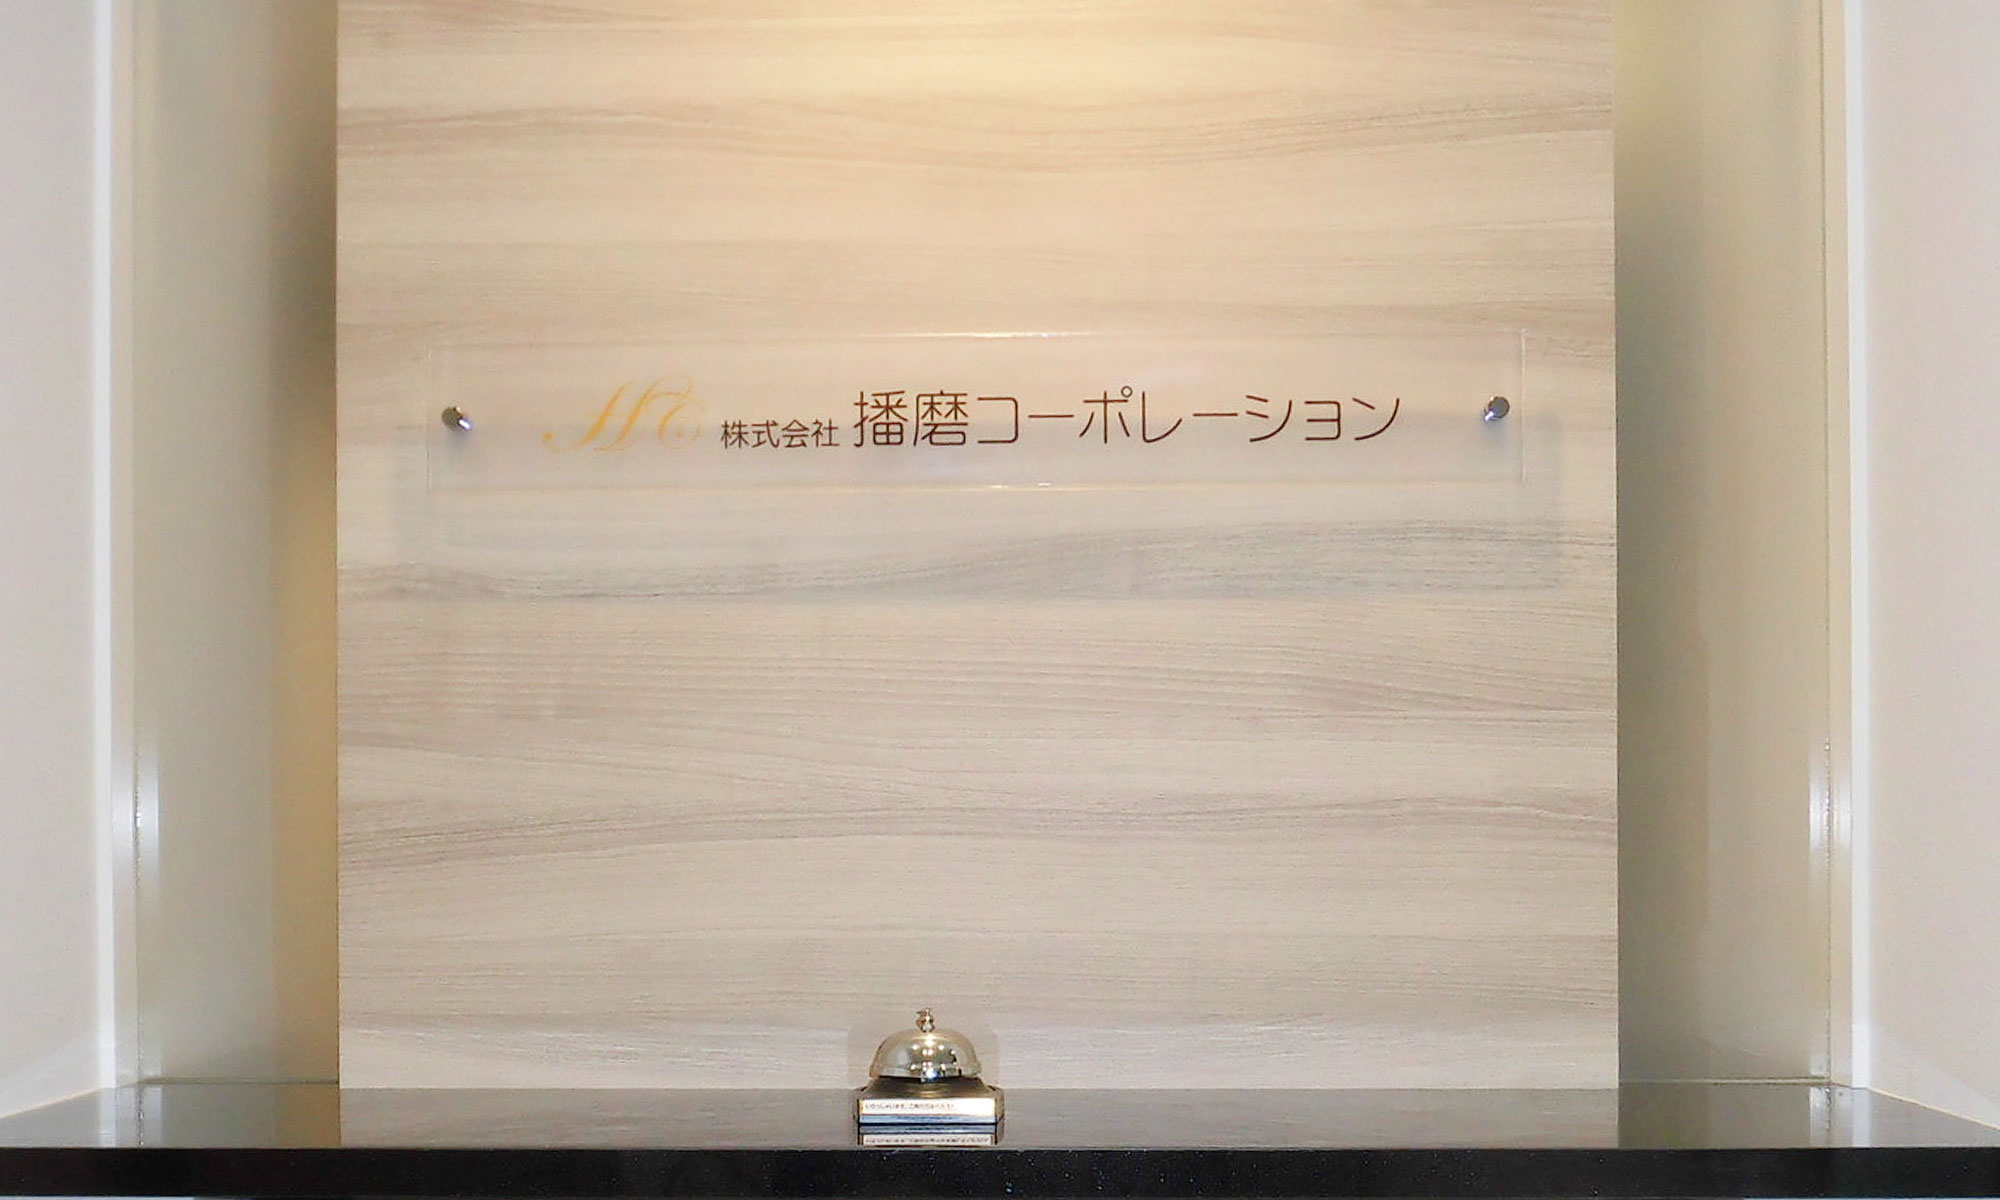 株式会社 播磨コーポレーション イメージ2